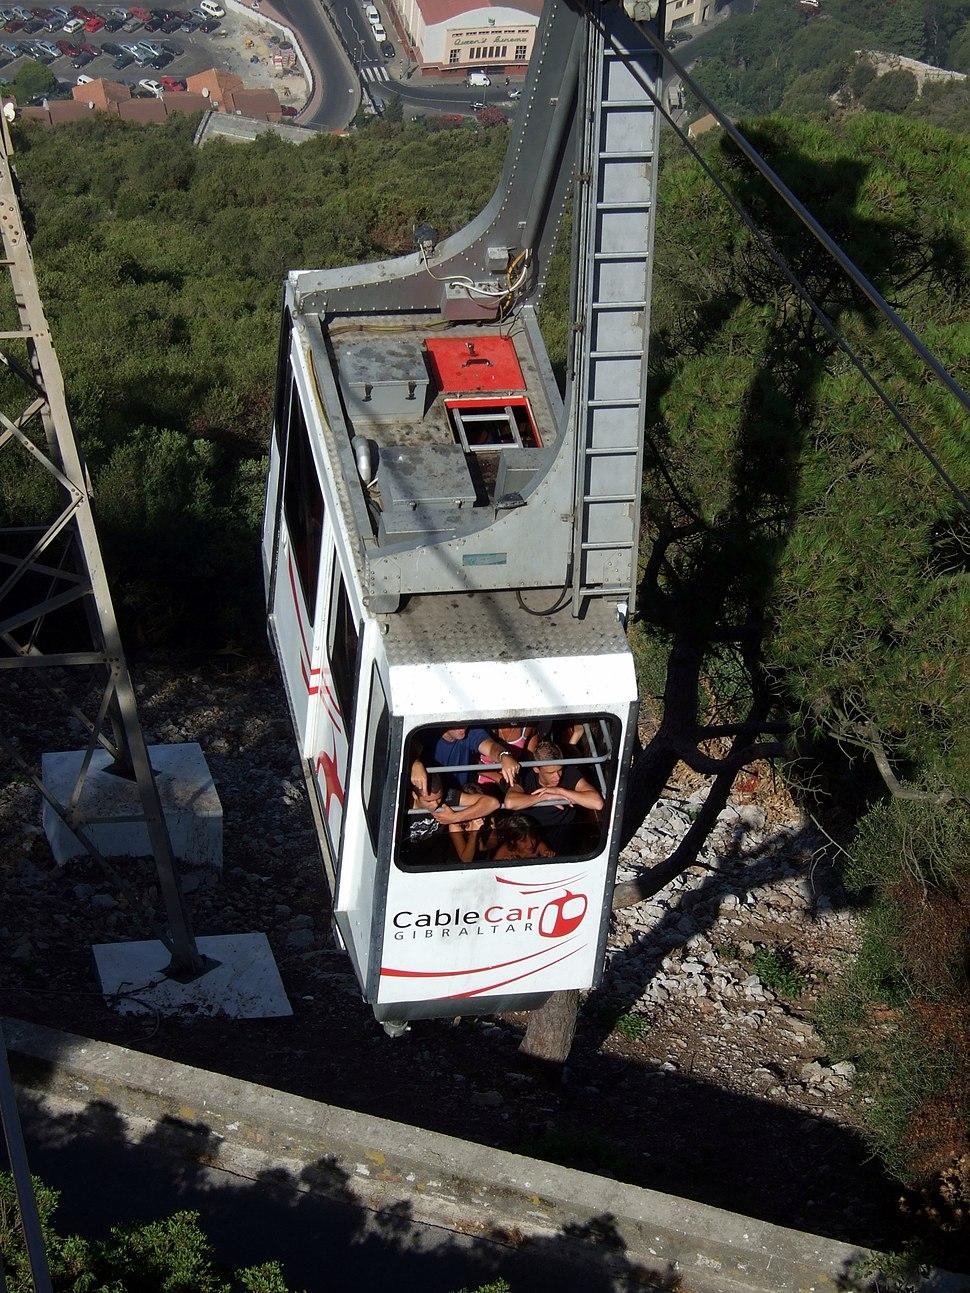 Gibraltar Cable Car 2